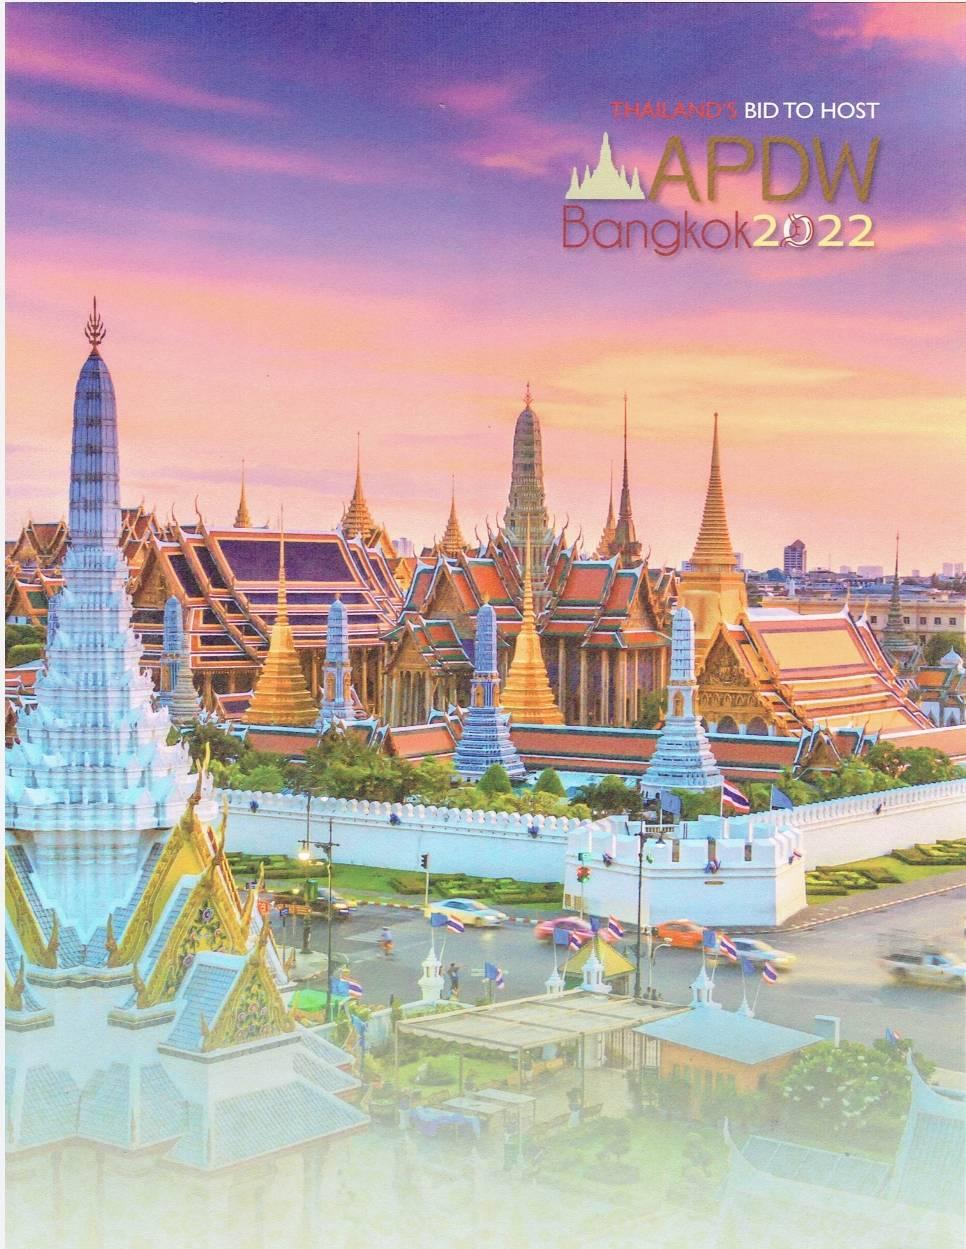 BID-APDW2022 on 12 – 15 December 2019 at Kolkata, India